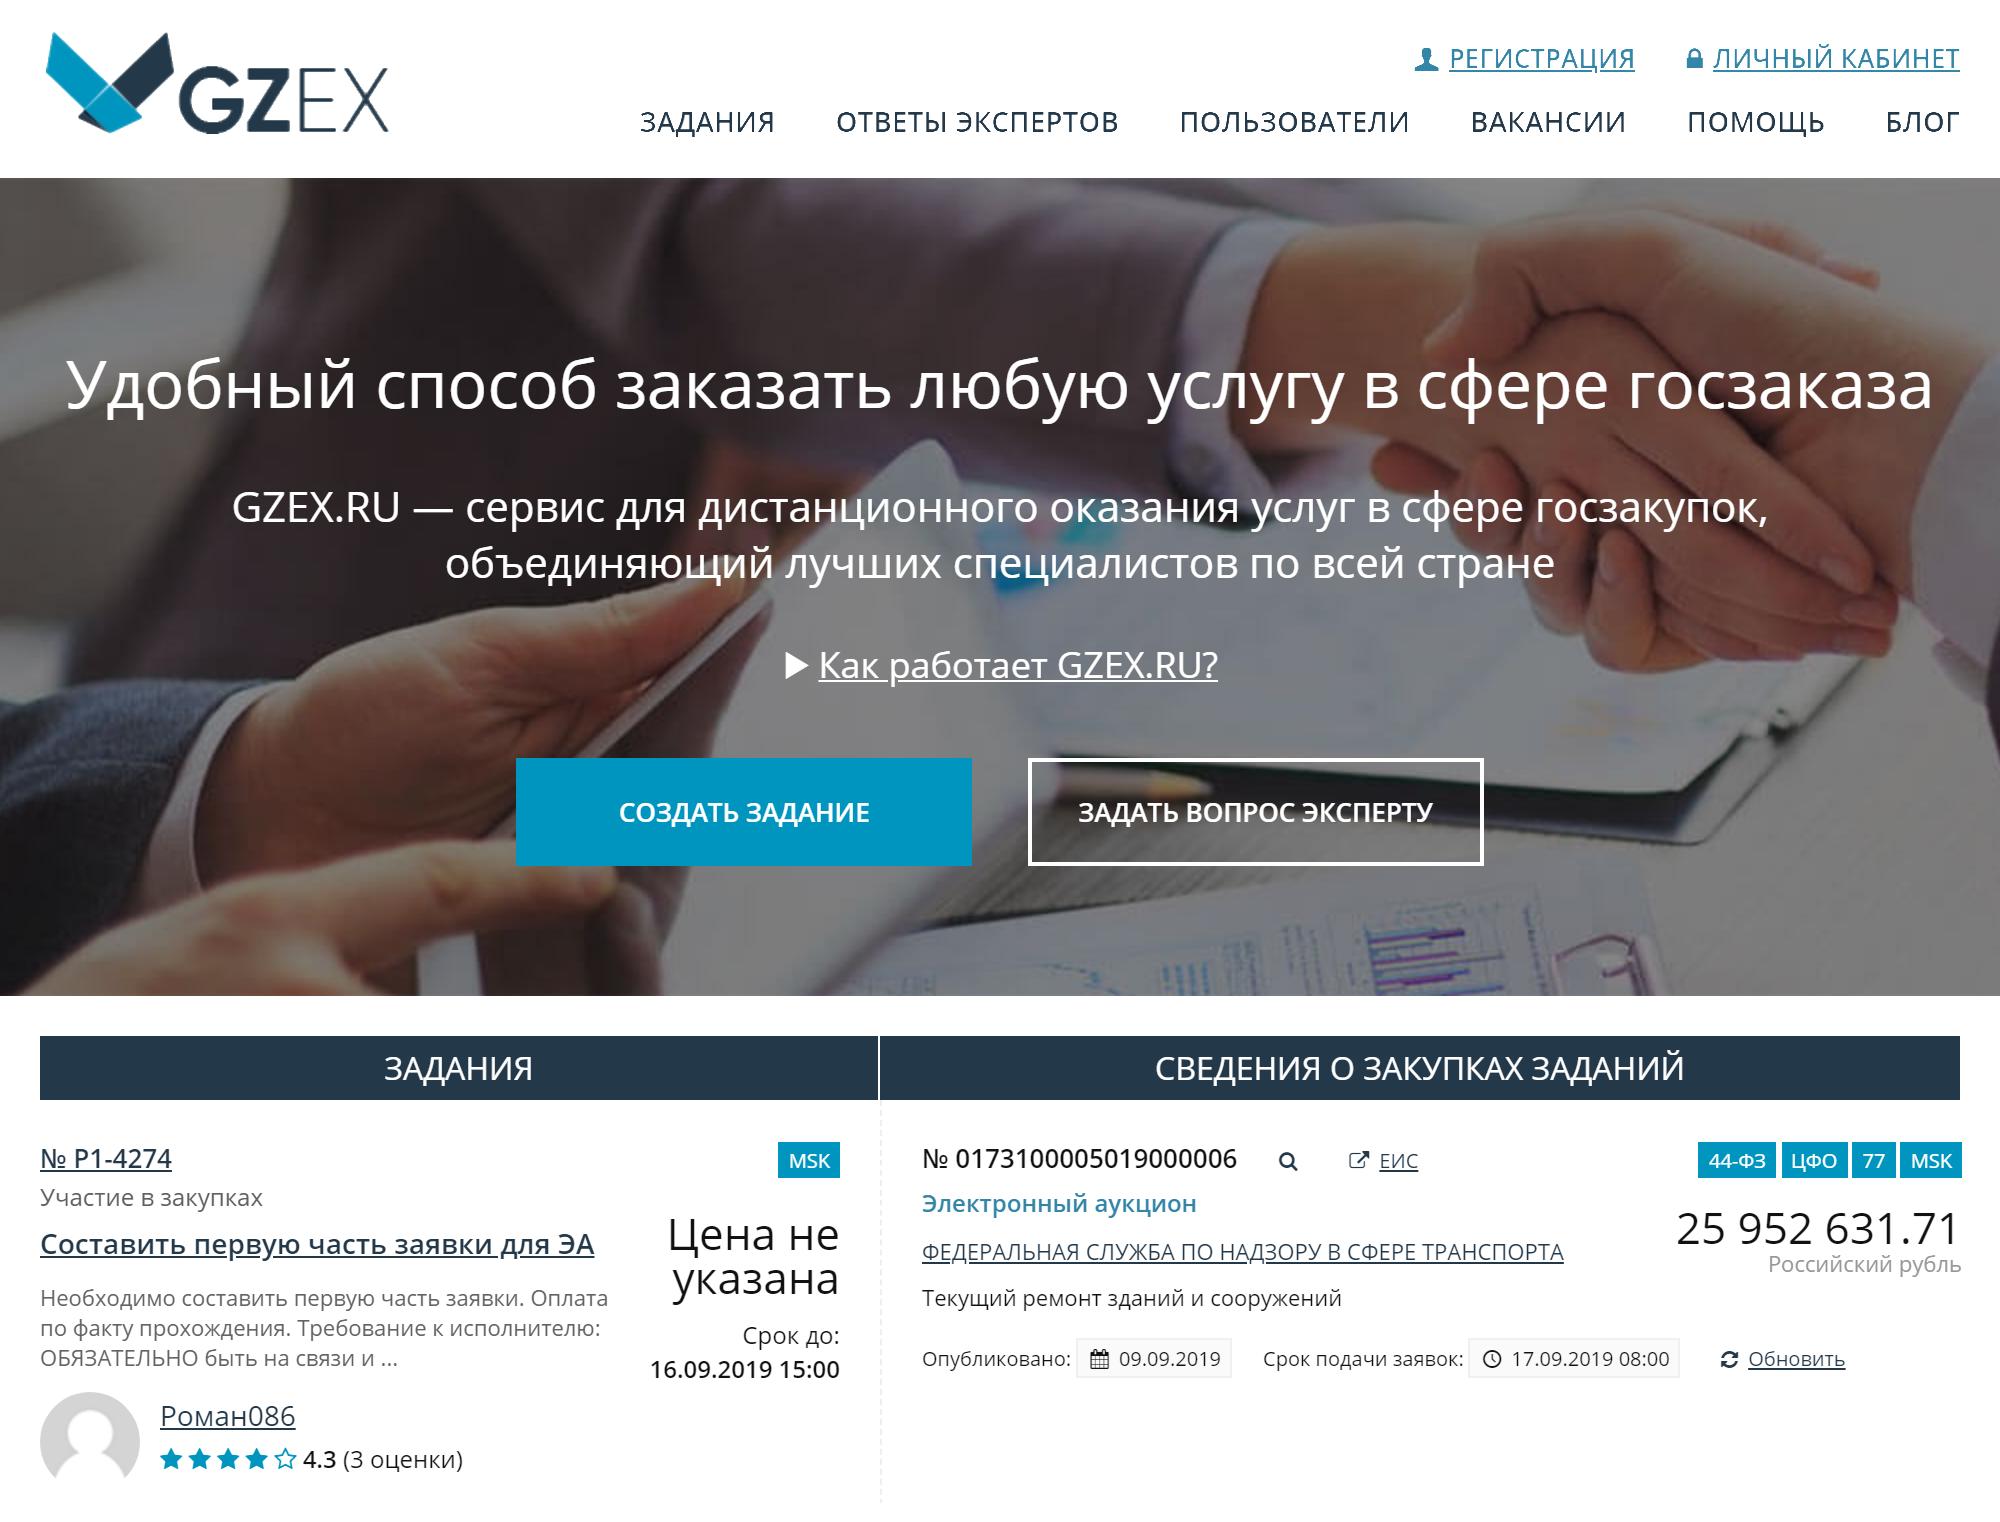 Главная страница GZEX